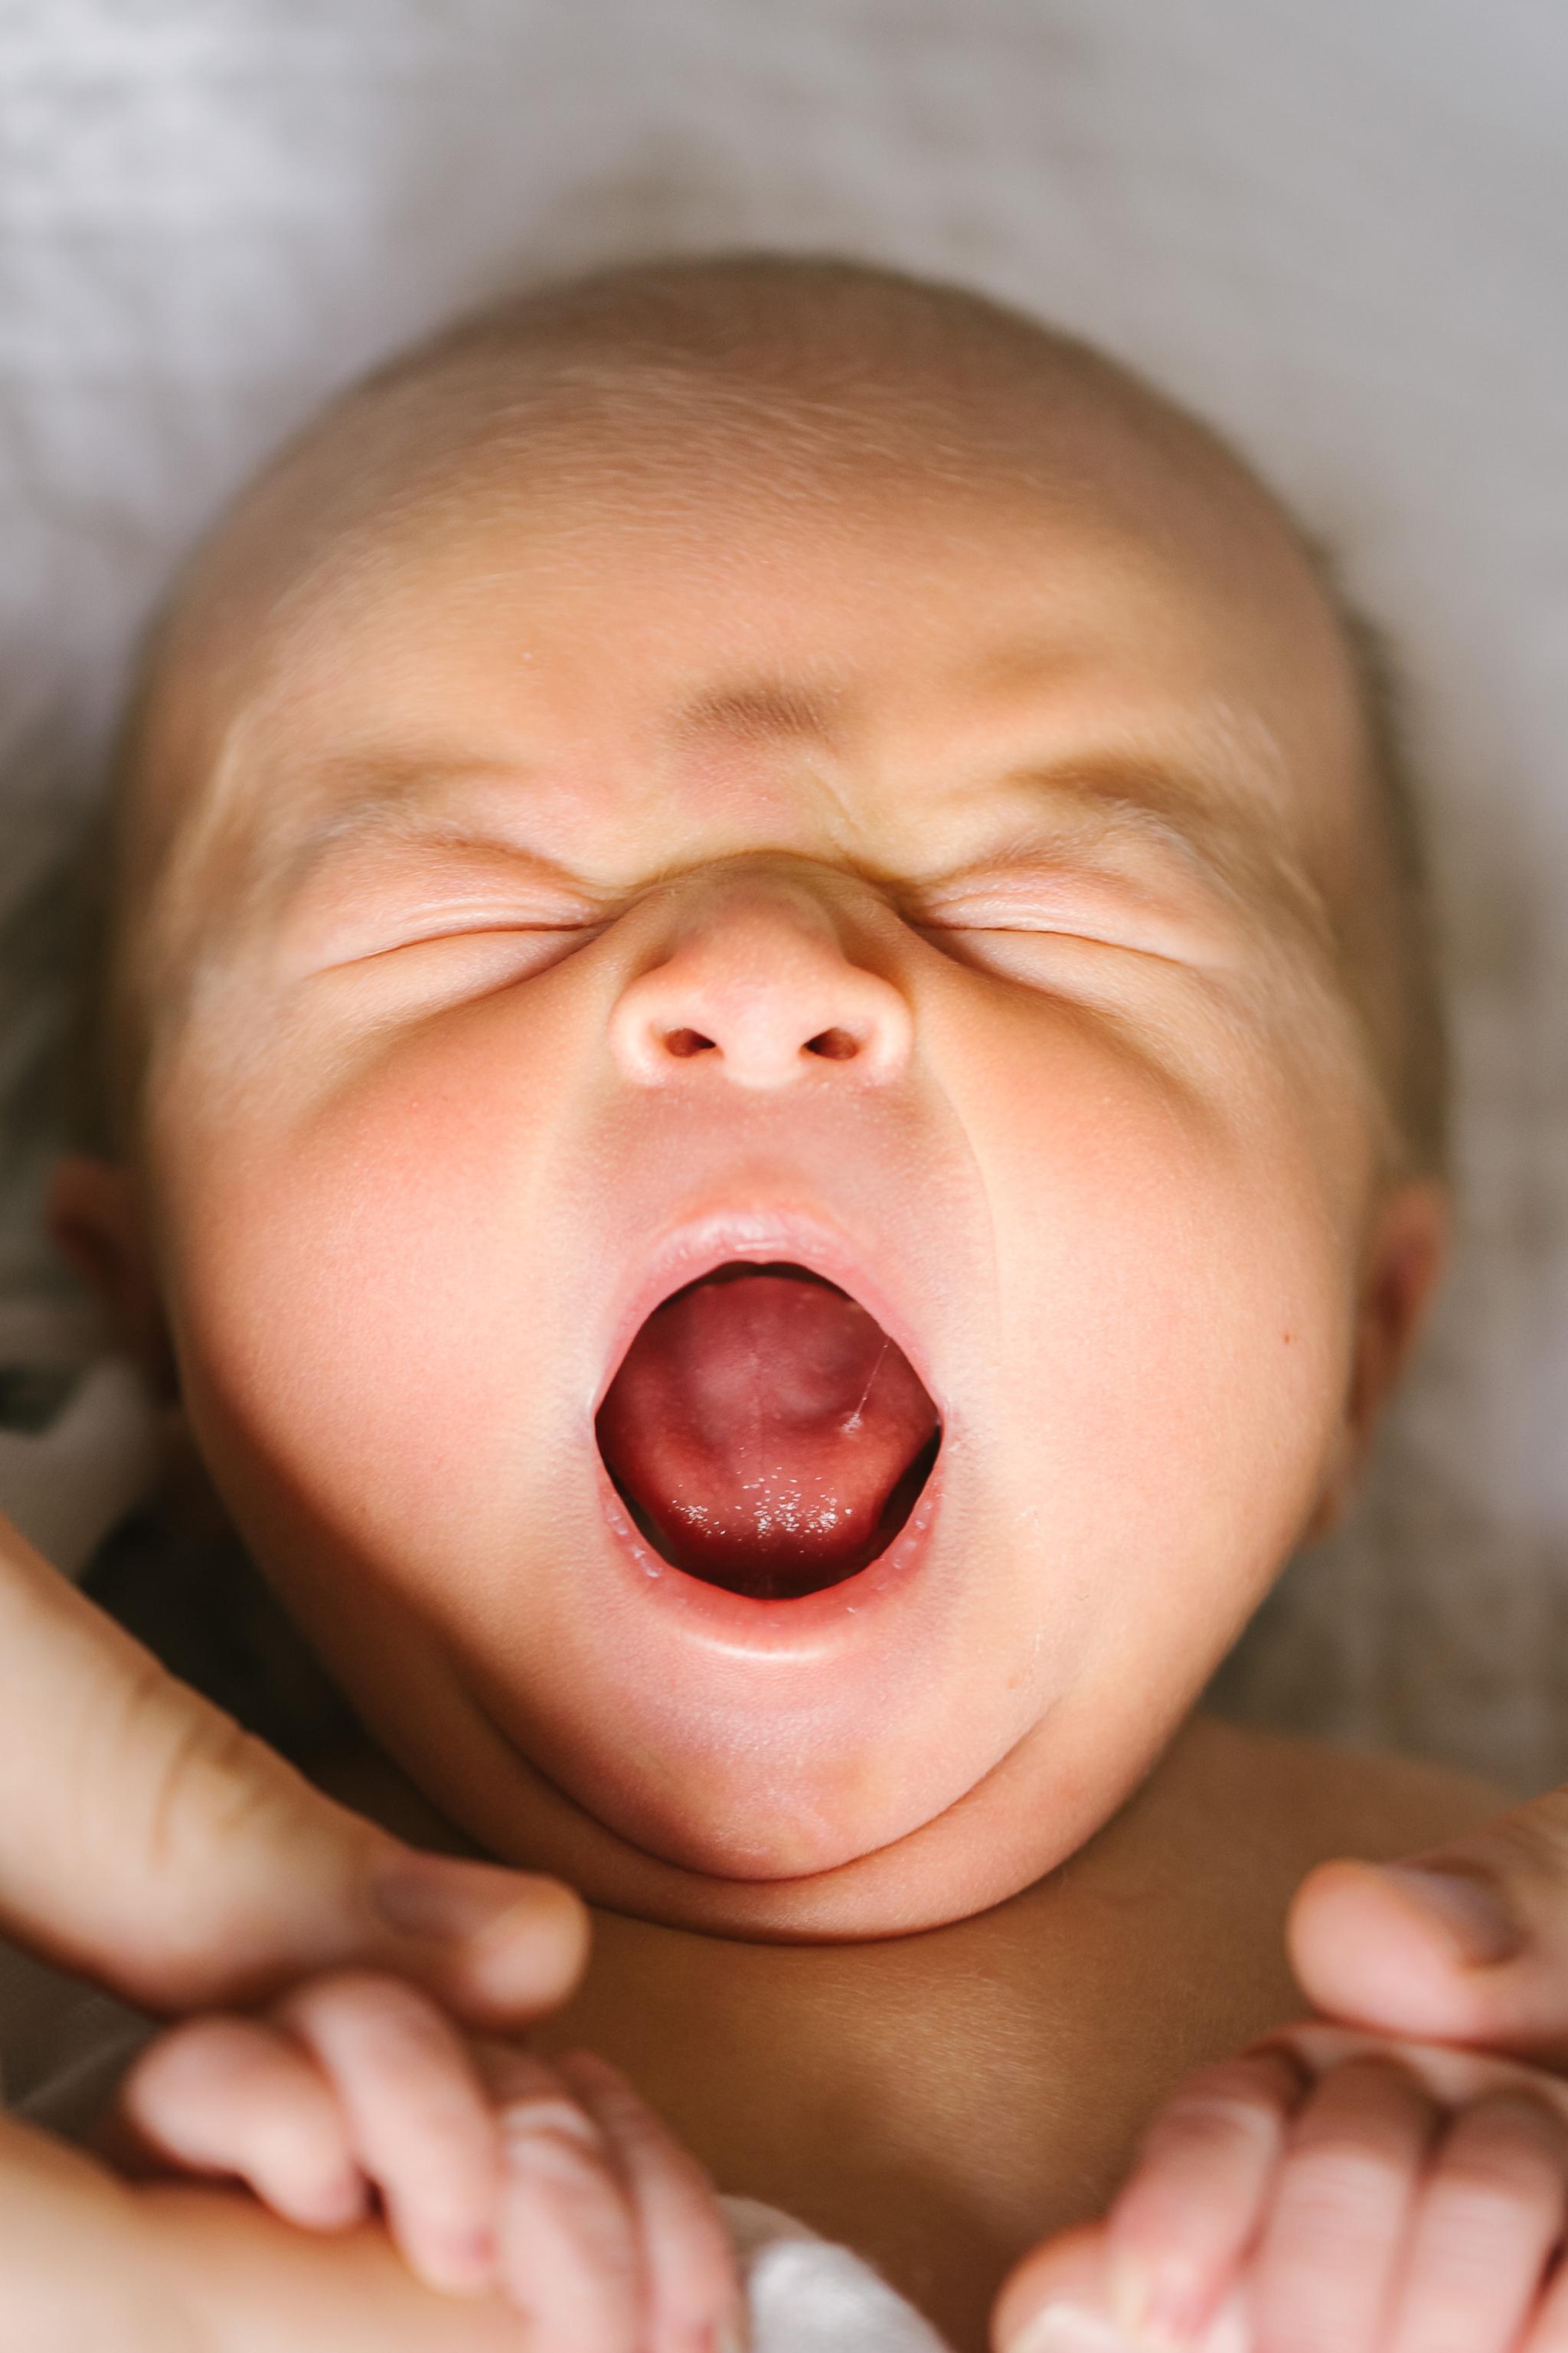 JENNIWITHANEYEPHOTO-Newborn Photography-002.jpg